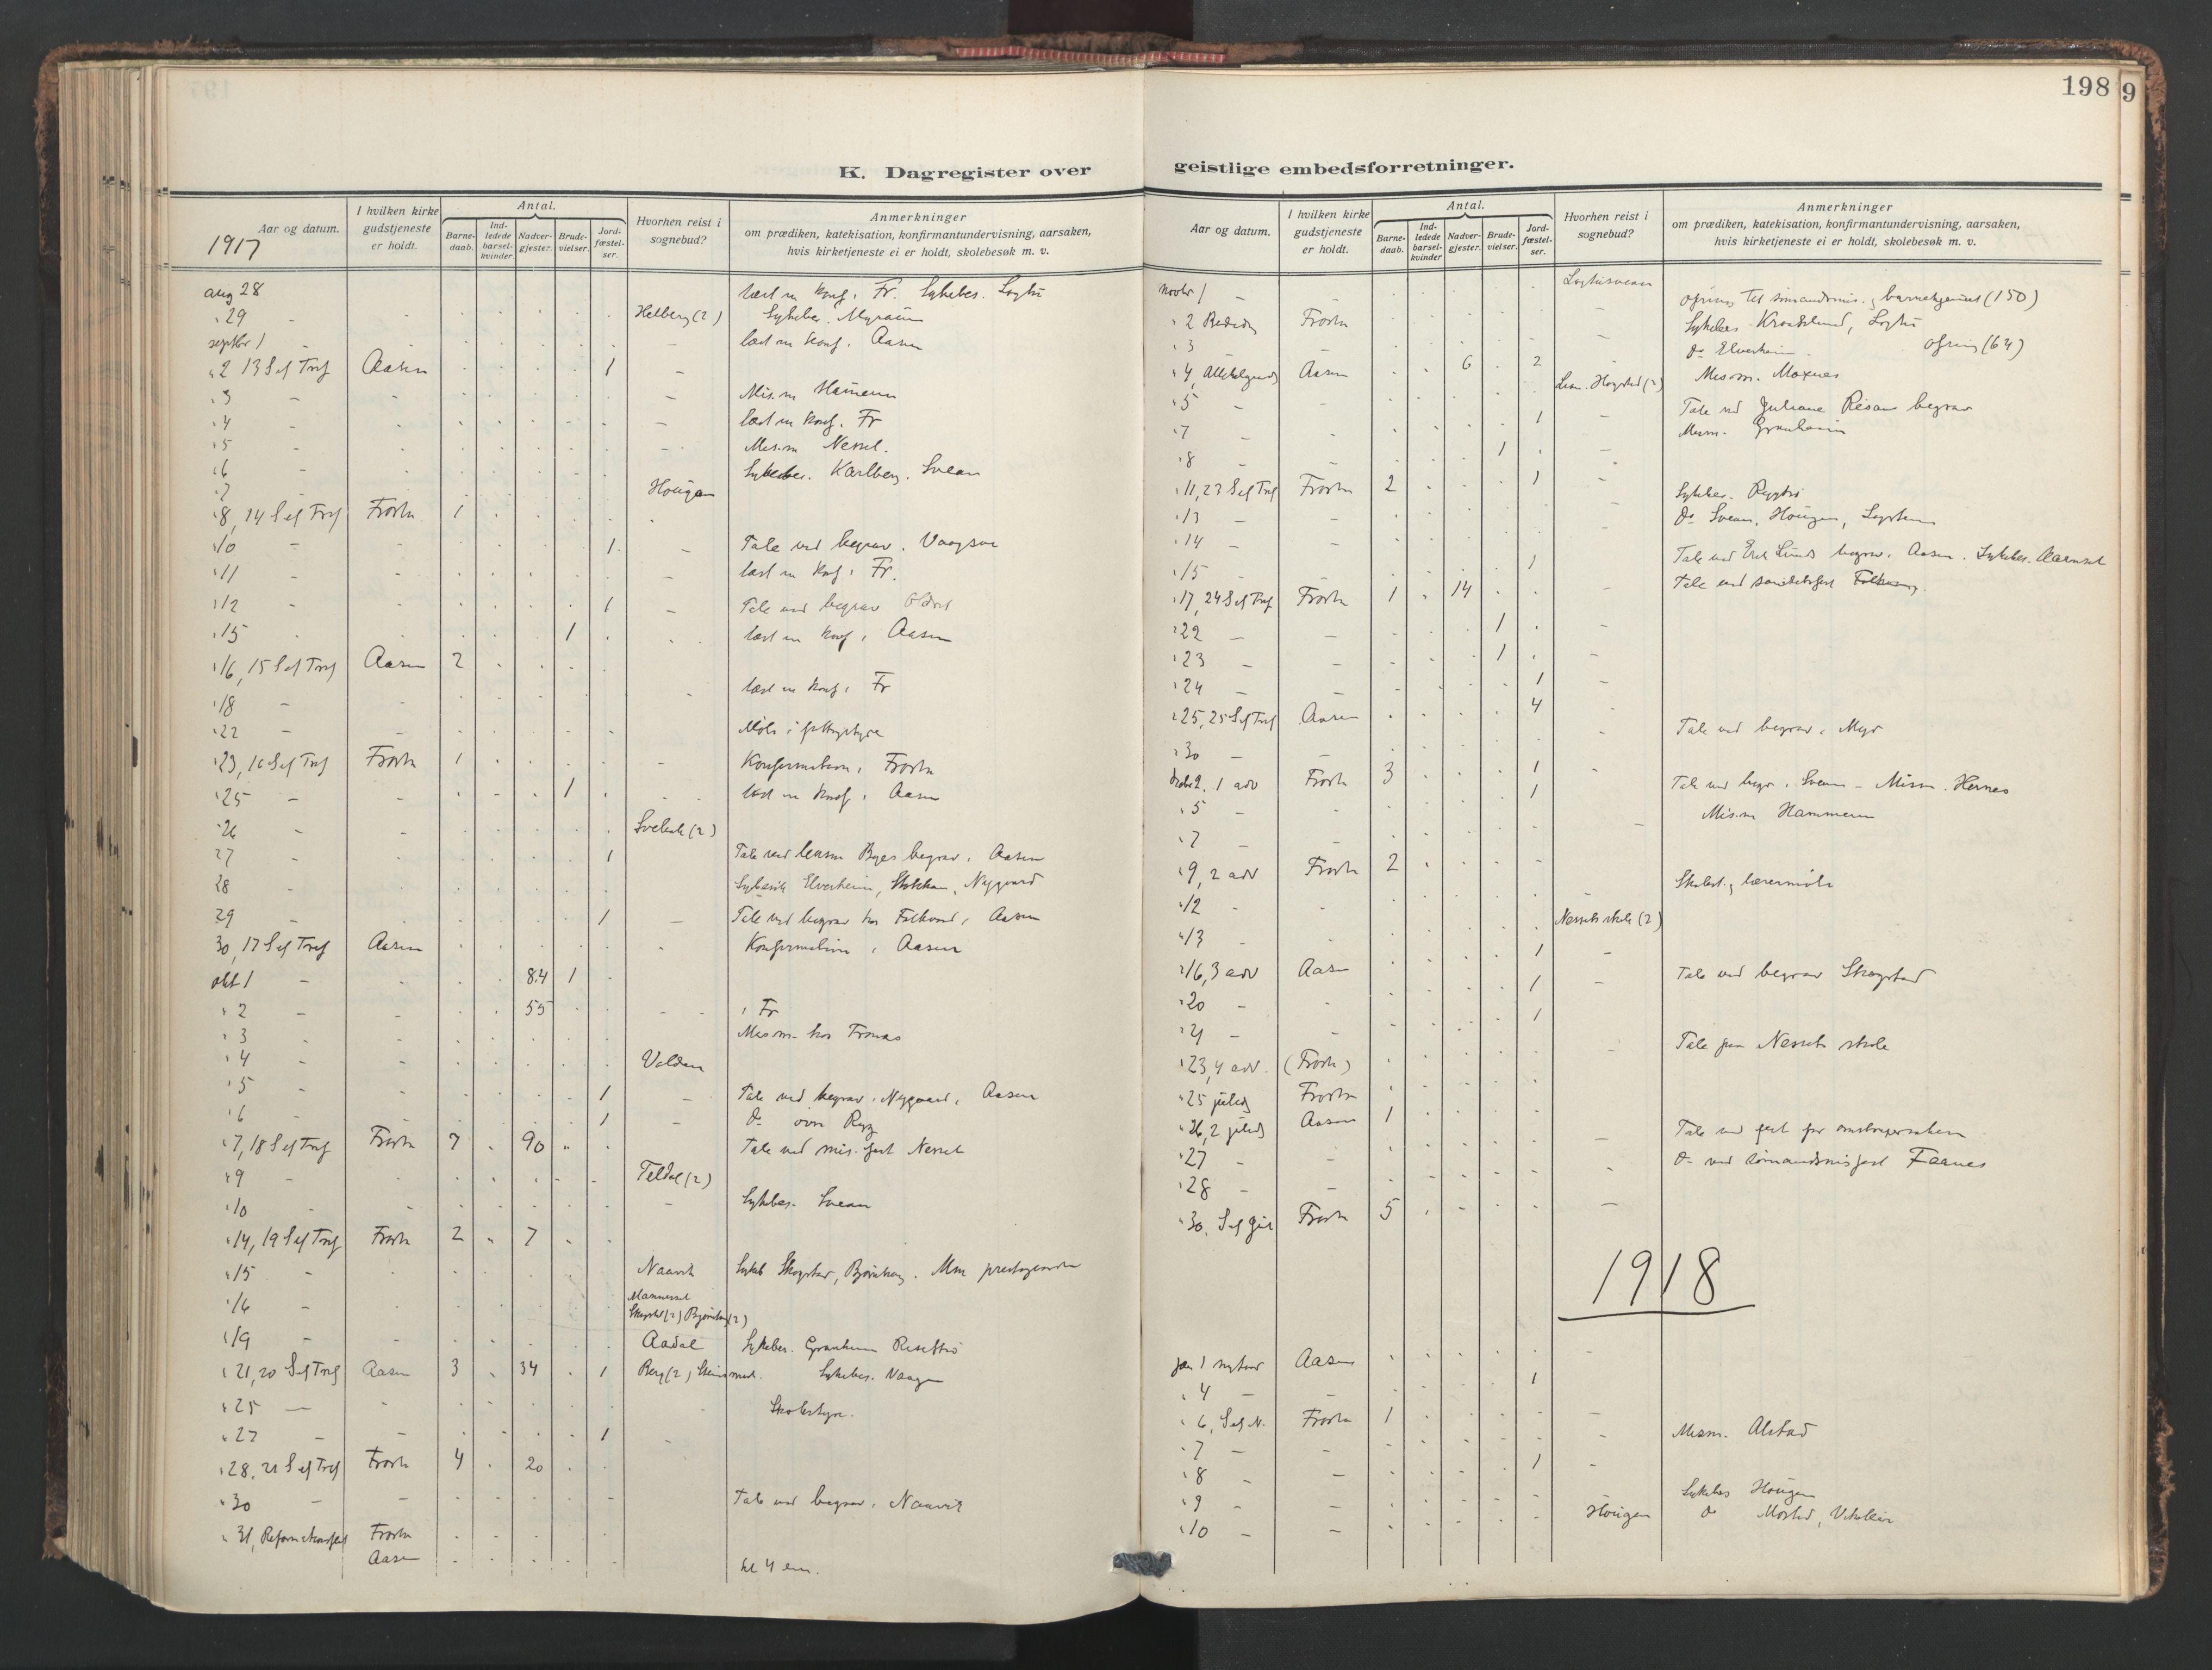 SAT, Ministerialprotokoller, klokkerbøker og fødselsregistre - Nord-Trøndelag, 713/L0123: Ministerialbok nr. 713A12, 1911-1925, s. 198